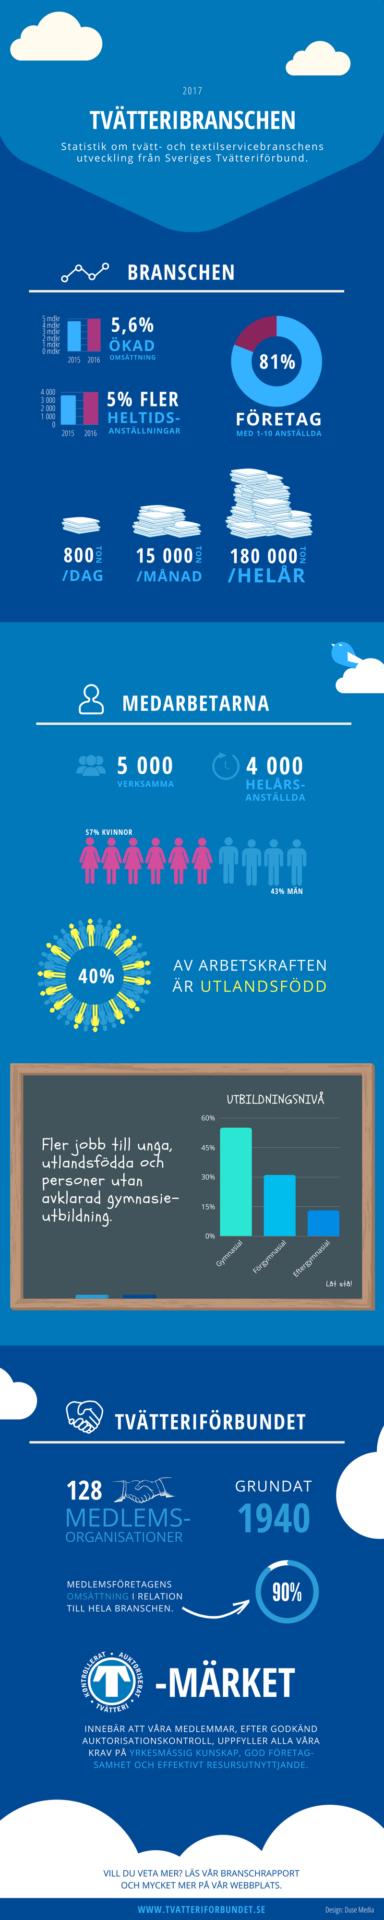 Infographic från Sveriges Tvätteriförbund